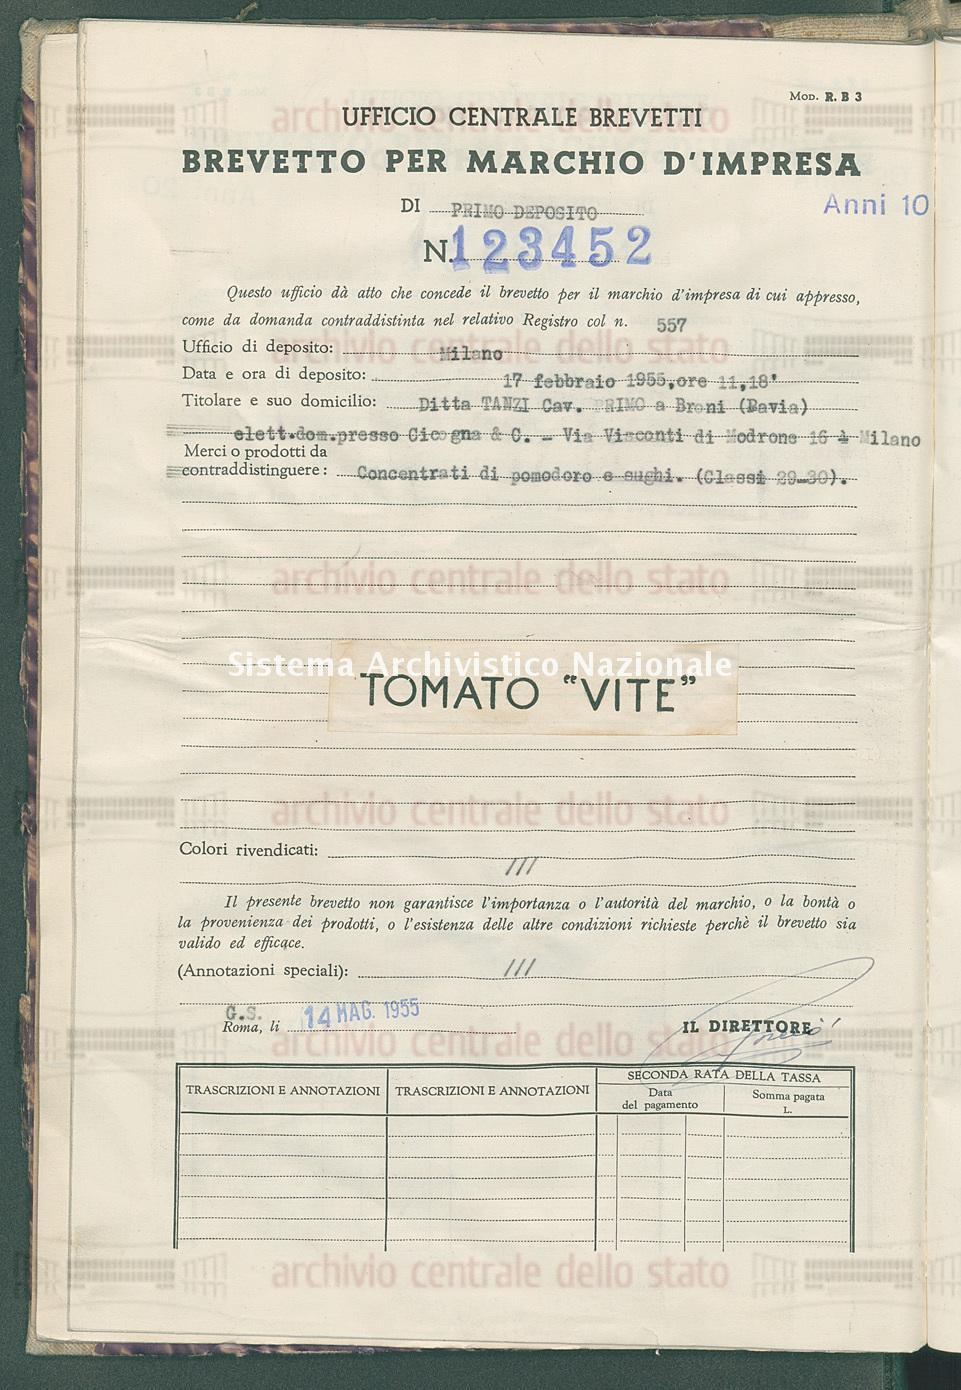 Concentrati di pomodoro e sughi Ditta Tanzi Cav. Primo (14/05/1955)